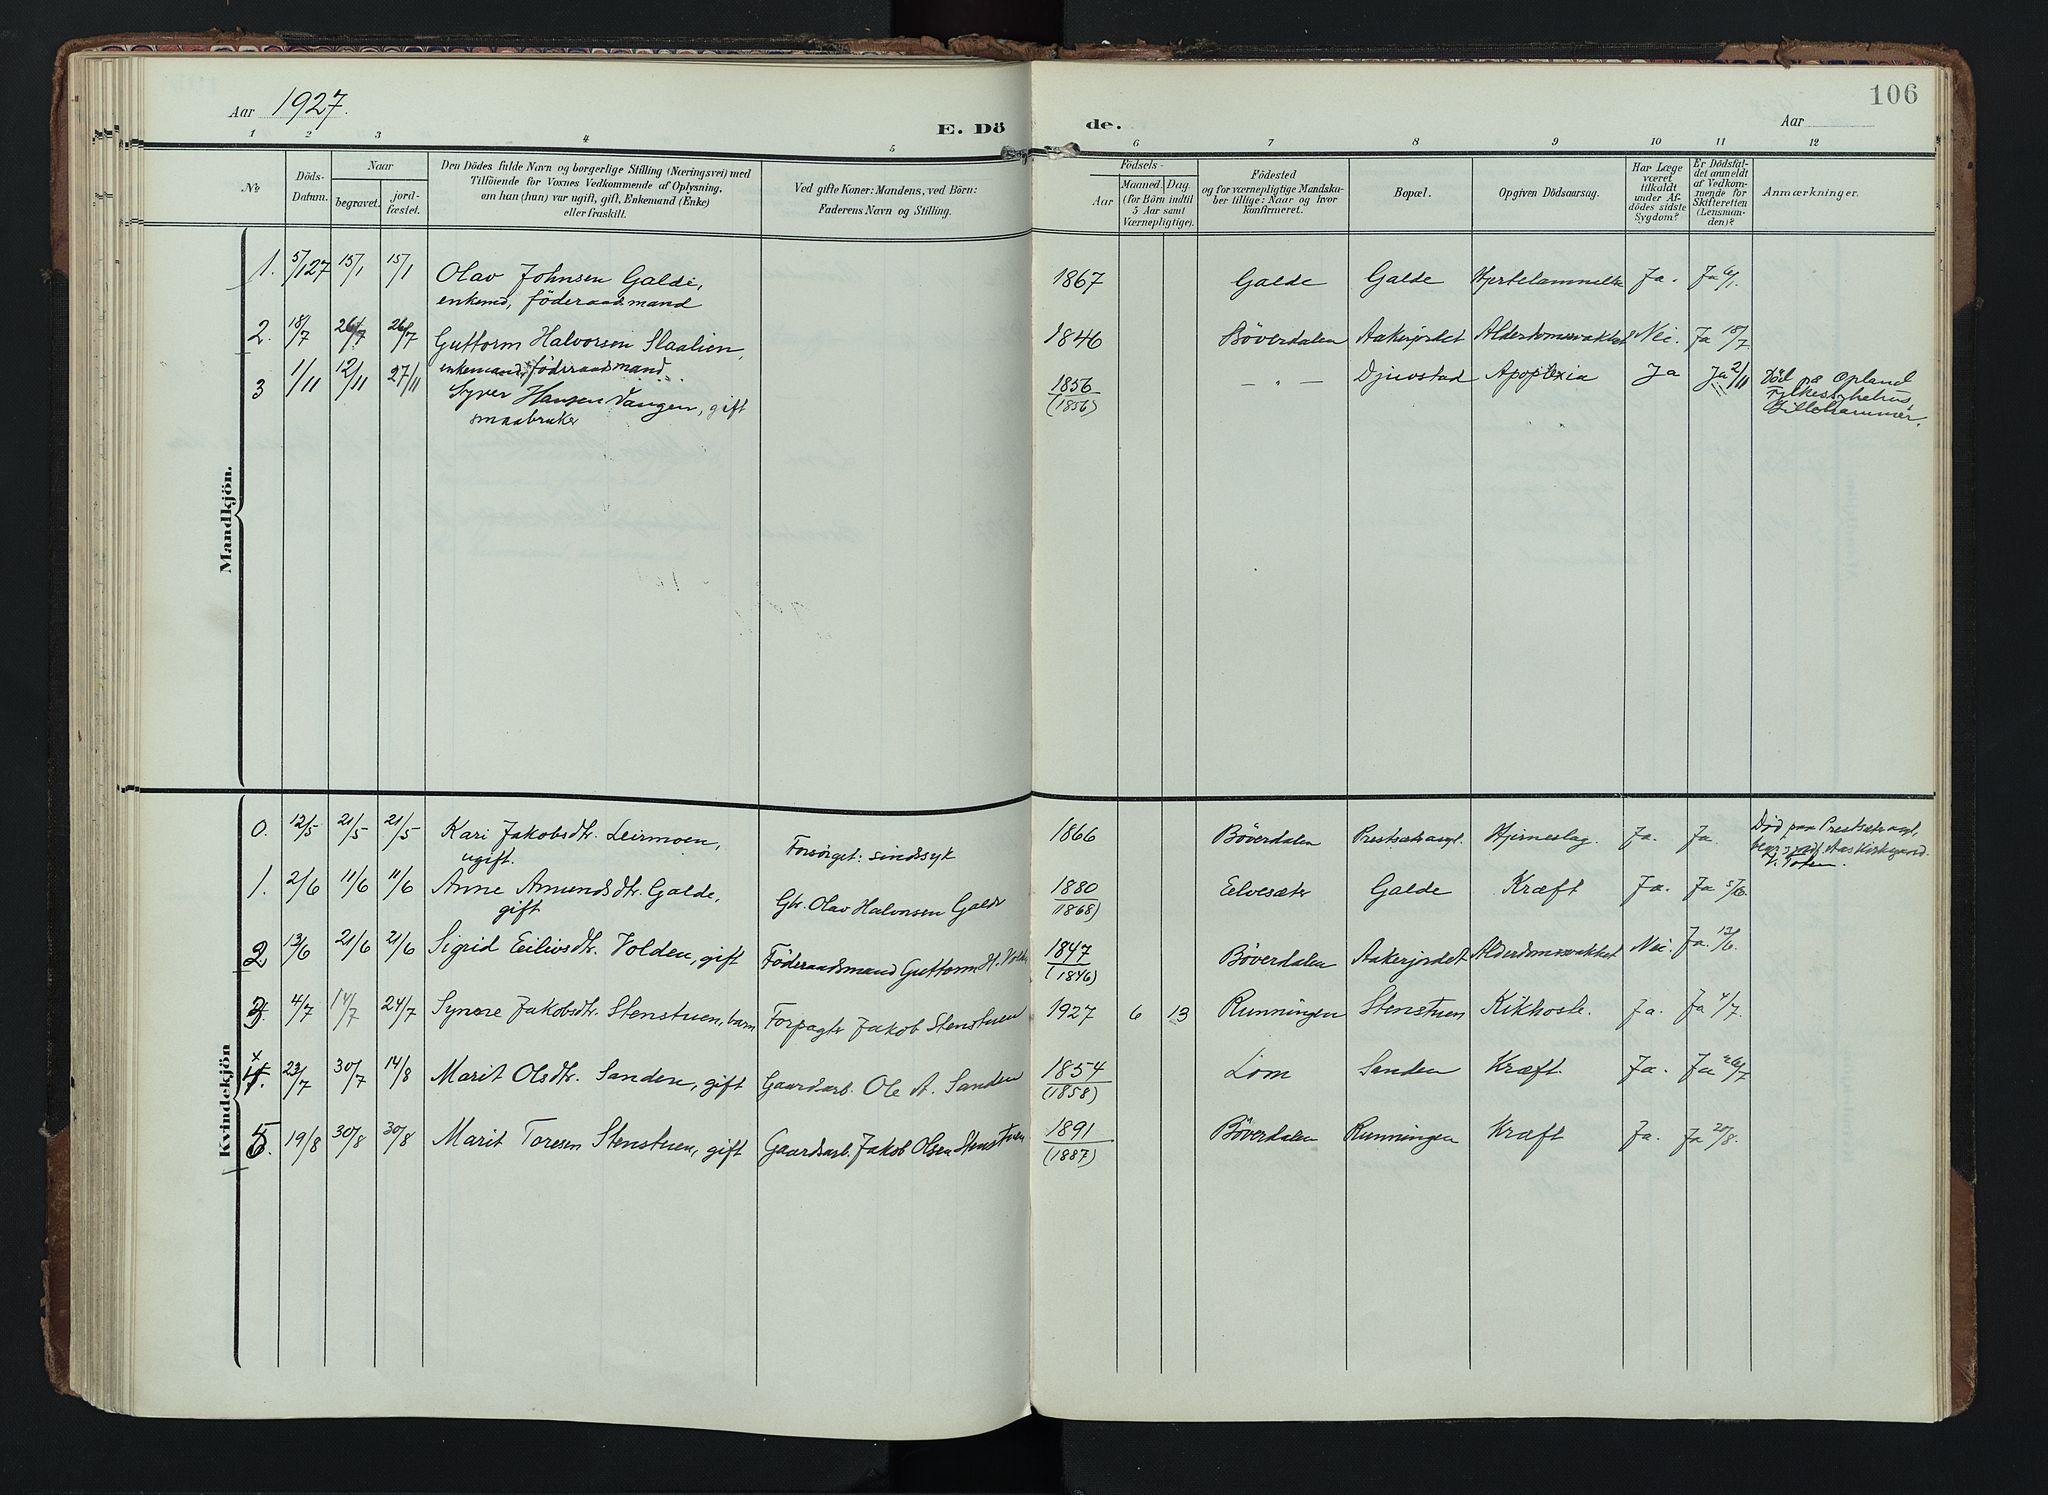 SAH, Lom prestekontor, K/L0012: Ministerialbok nr. 12, 1904-1928, s. 106